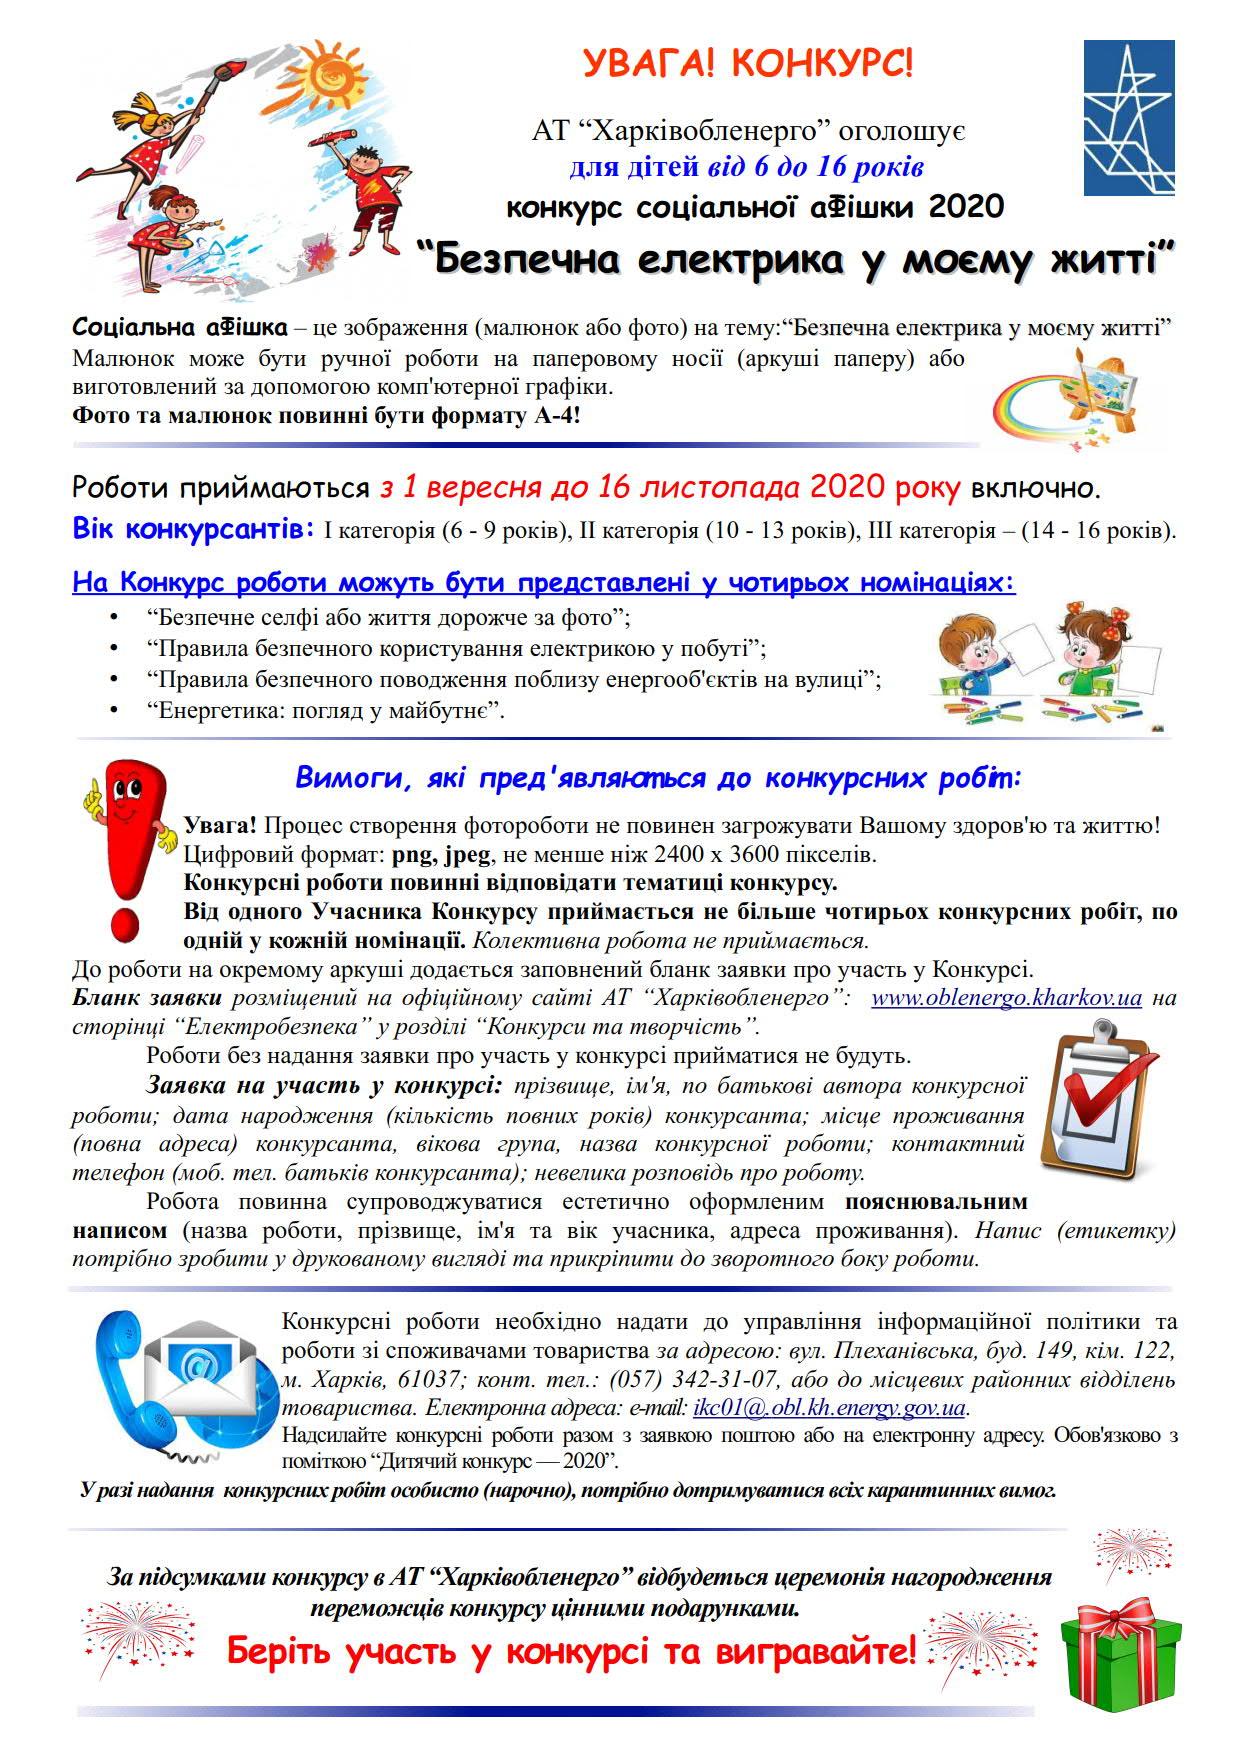 Умови участі у конкурсі соціальної аФішки 2020-1_1